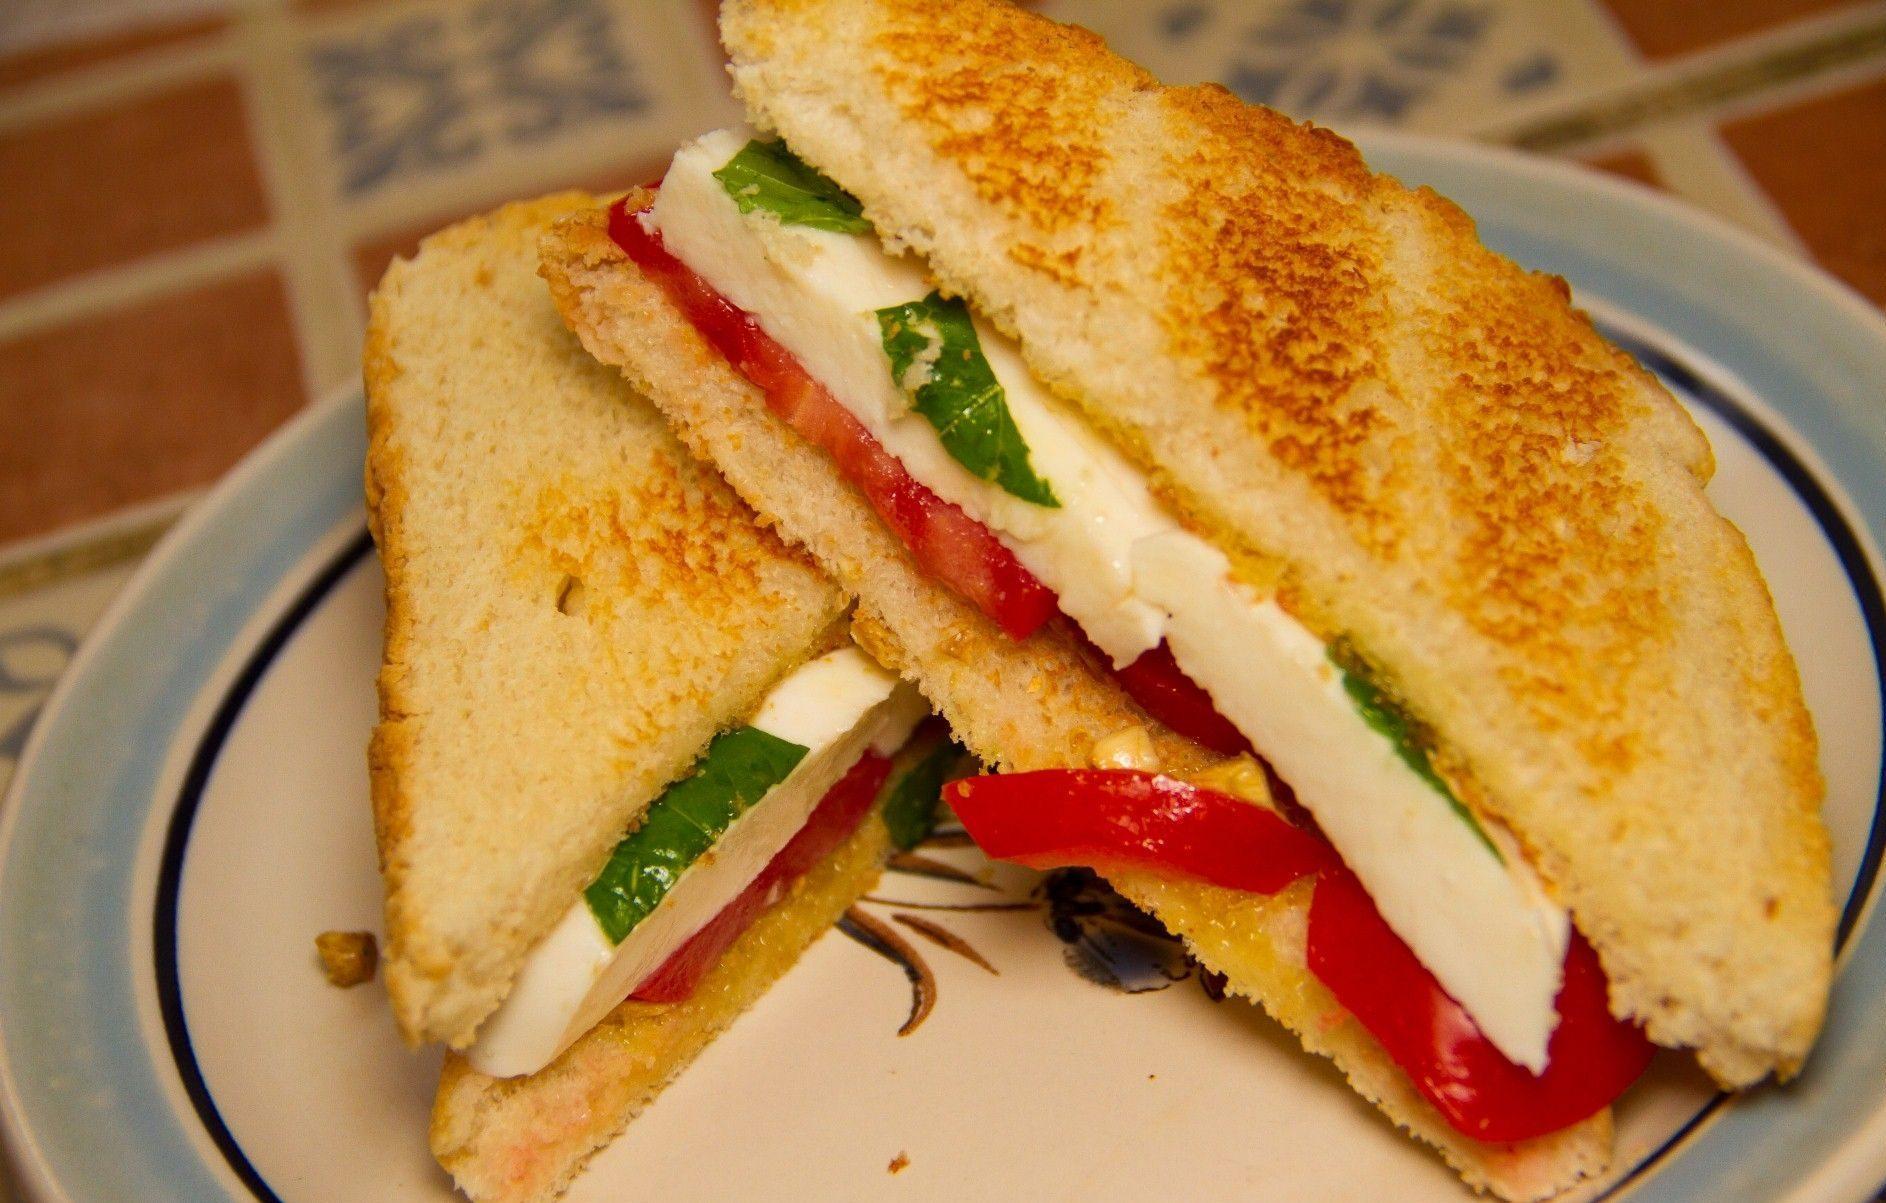 сочетании рецепты сэндвичей в домашних условиях с фото цветная болонка относится